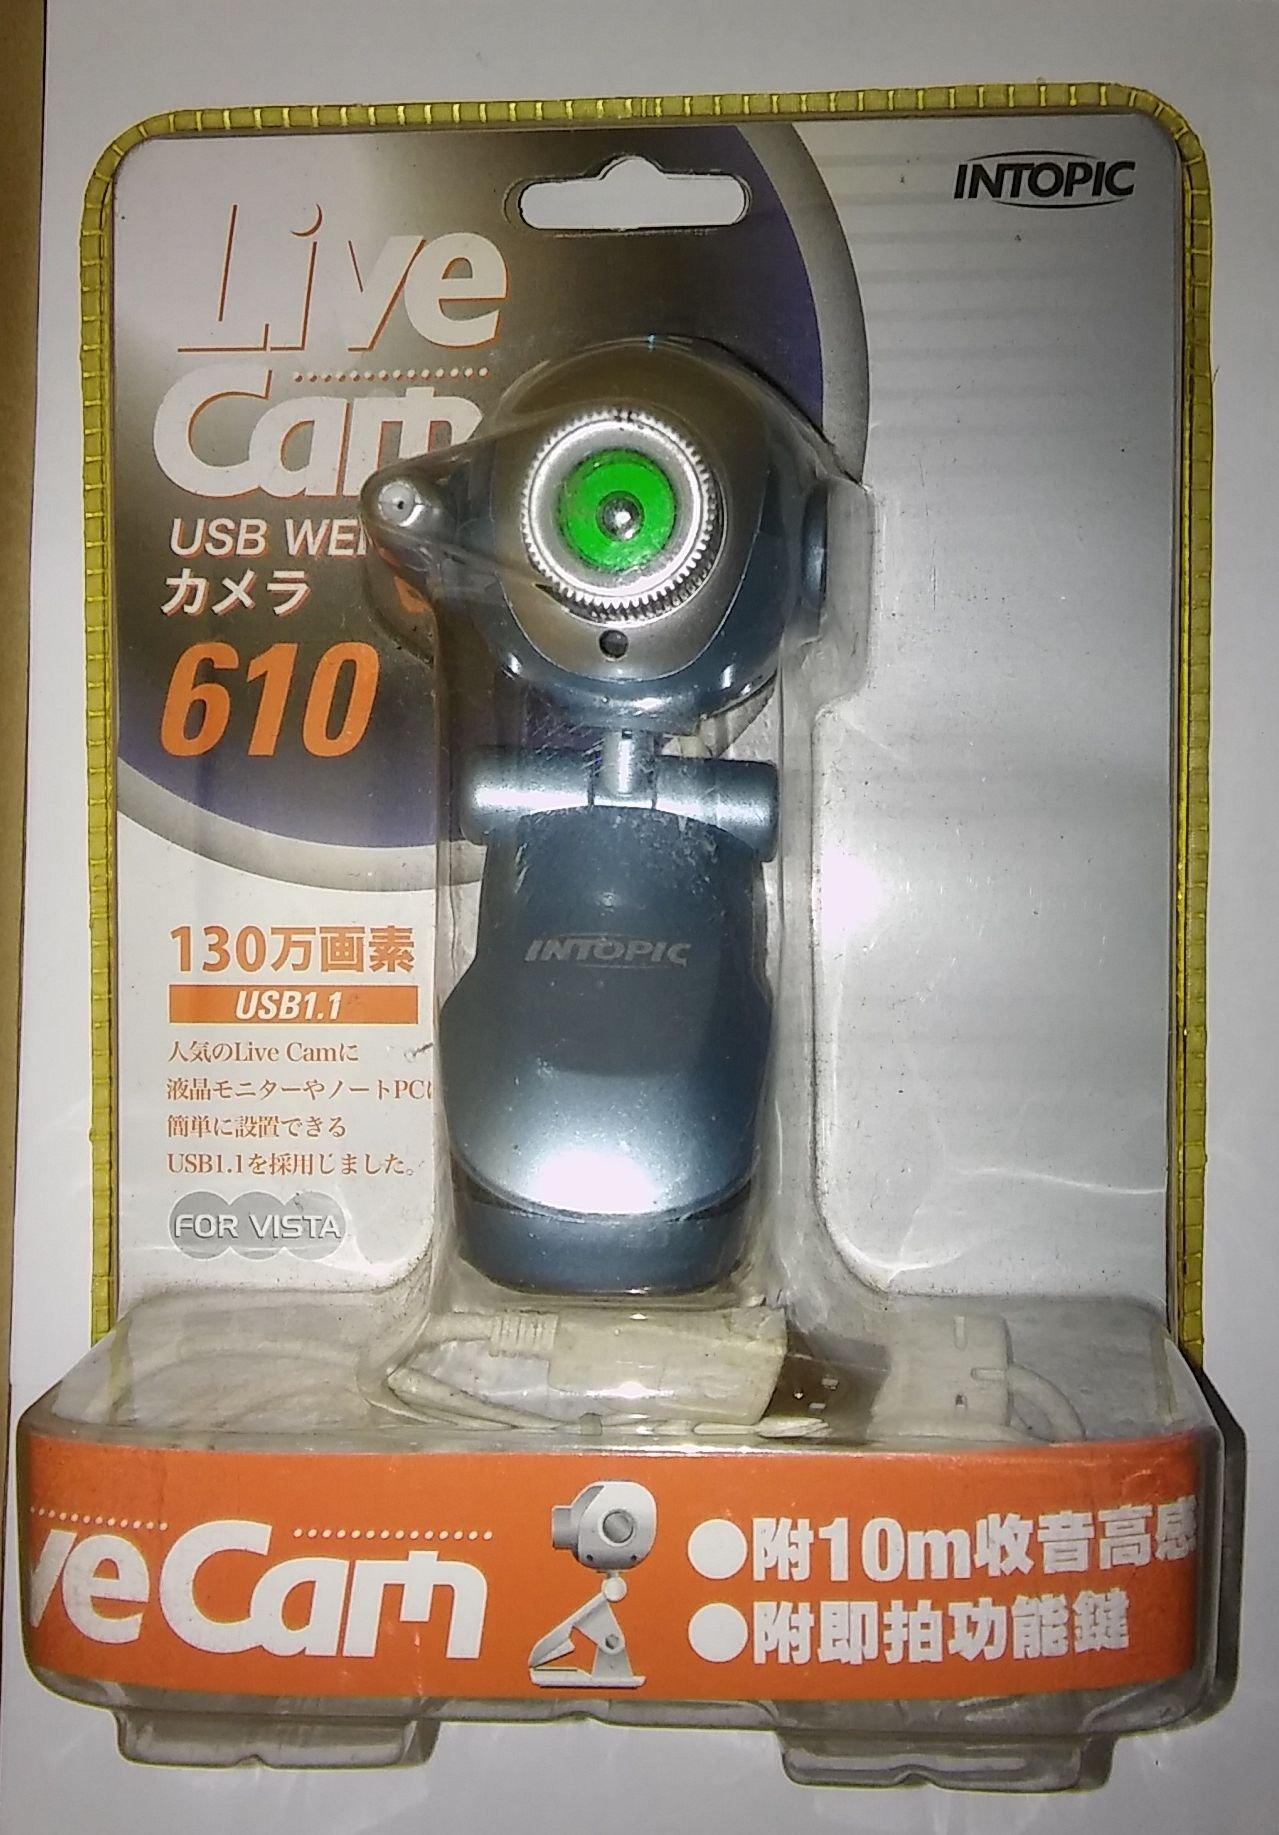 (新品 未用過) Intopic網路視訊攝影機 130萬畫素 /透明包裝盒有些變黃 能接受再下標